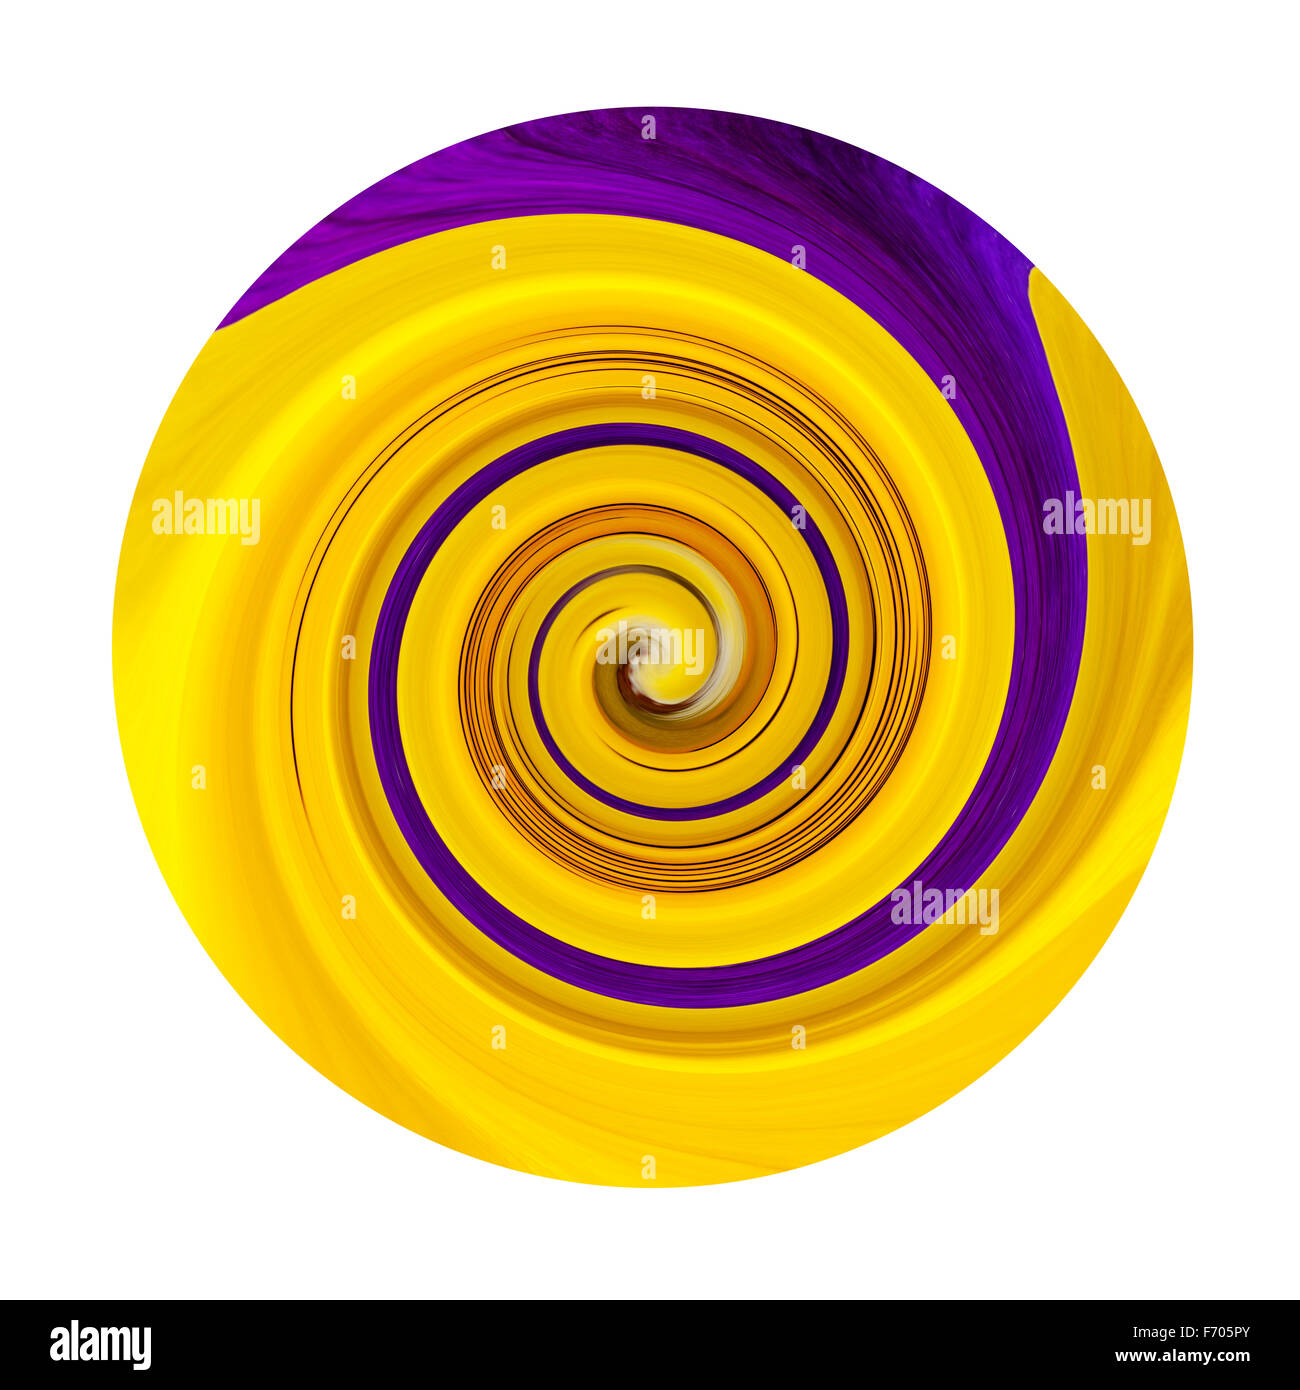 Abstrakte kreisförmige Farbe Farbe Wirbel Stockbild